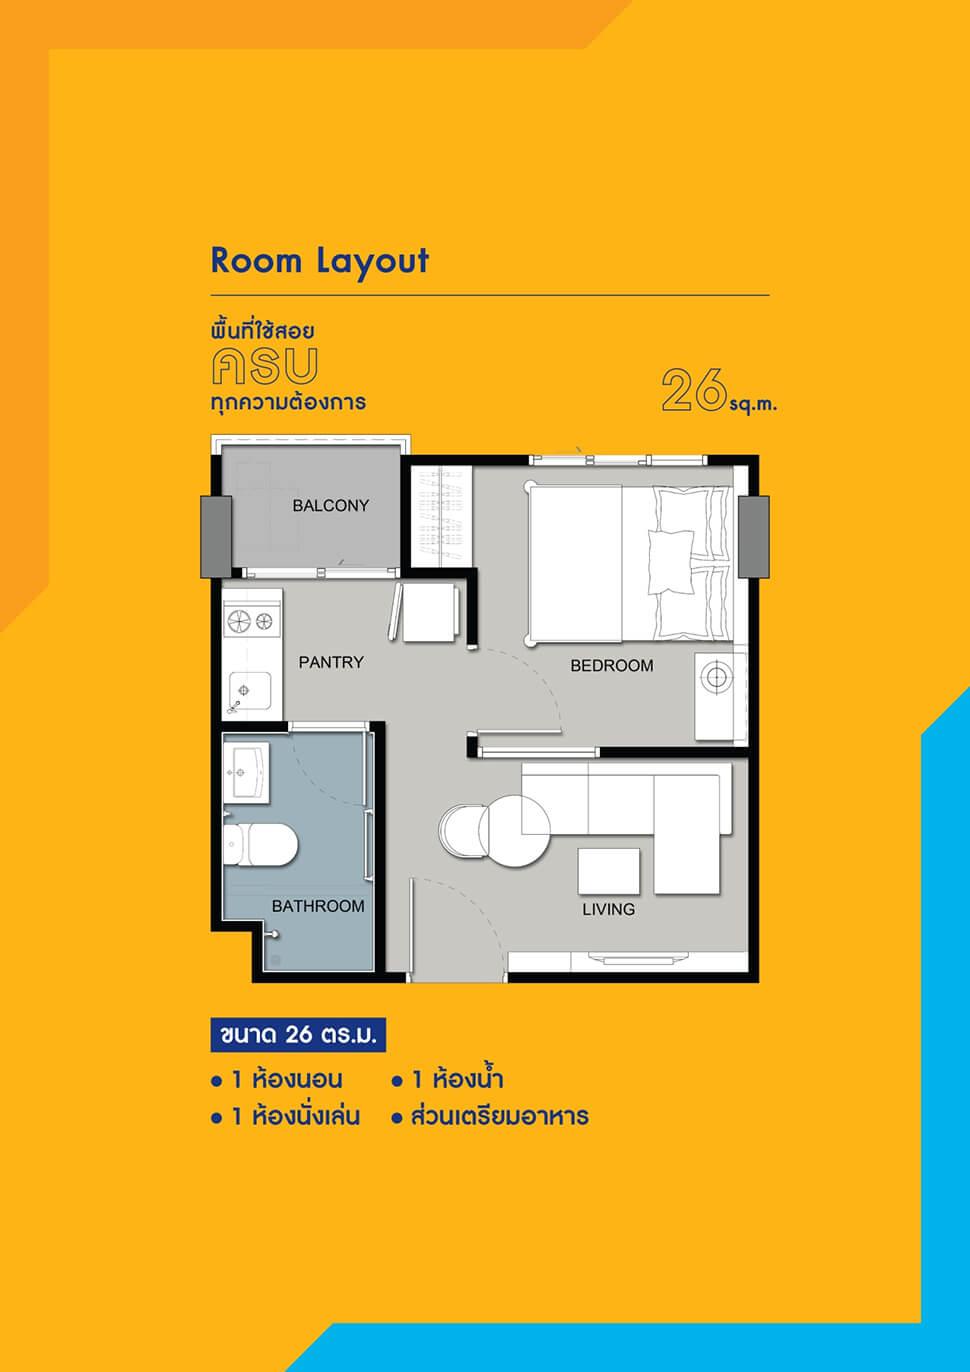 """ห้องขนาด 1 ห้องนอน คอนโด ใกล้รถไฟฟ้า ไม่เกิน 2 ล้าน """"ลลิสา คอนโด แพรกษา 5"""""""